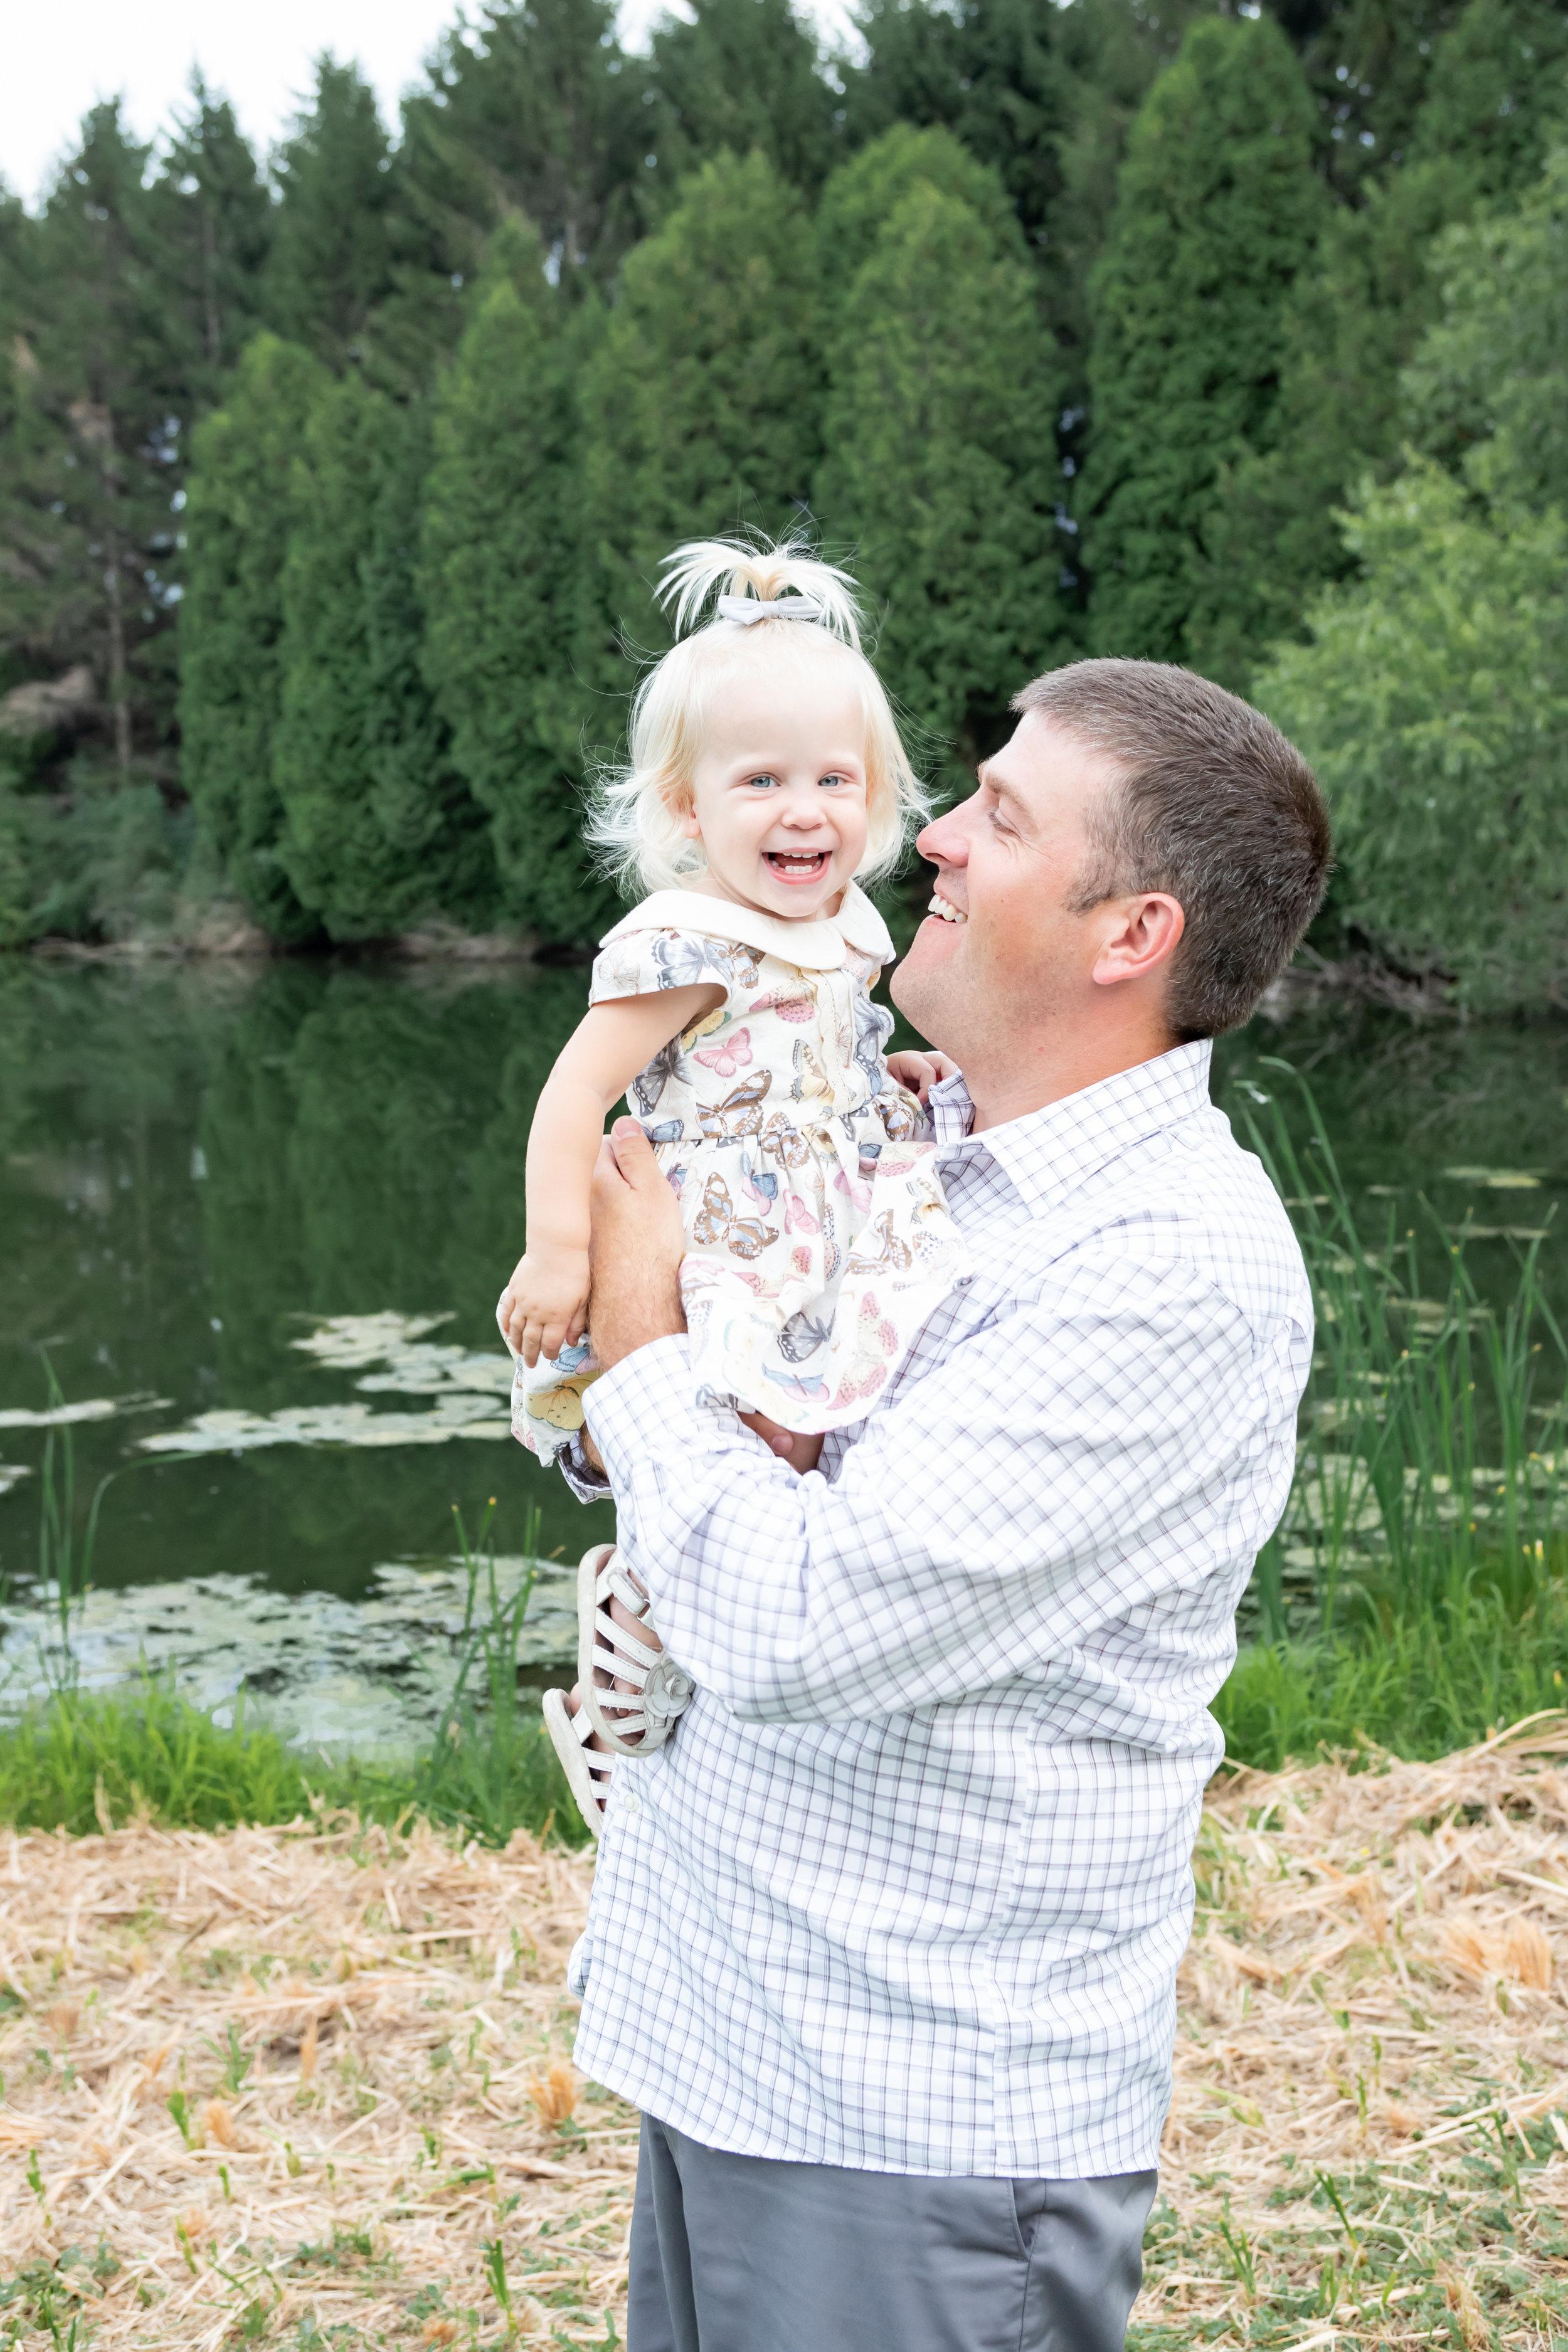 Sheboygan Happy Family Photography Session